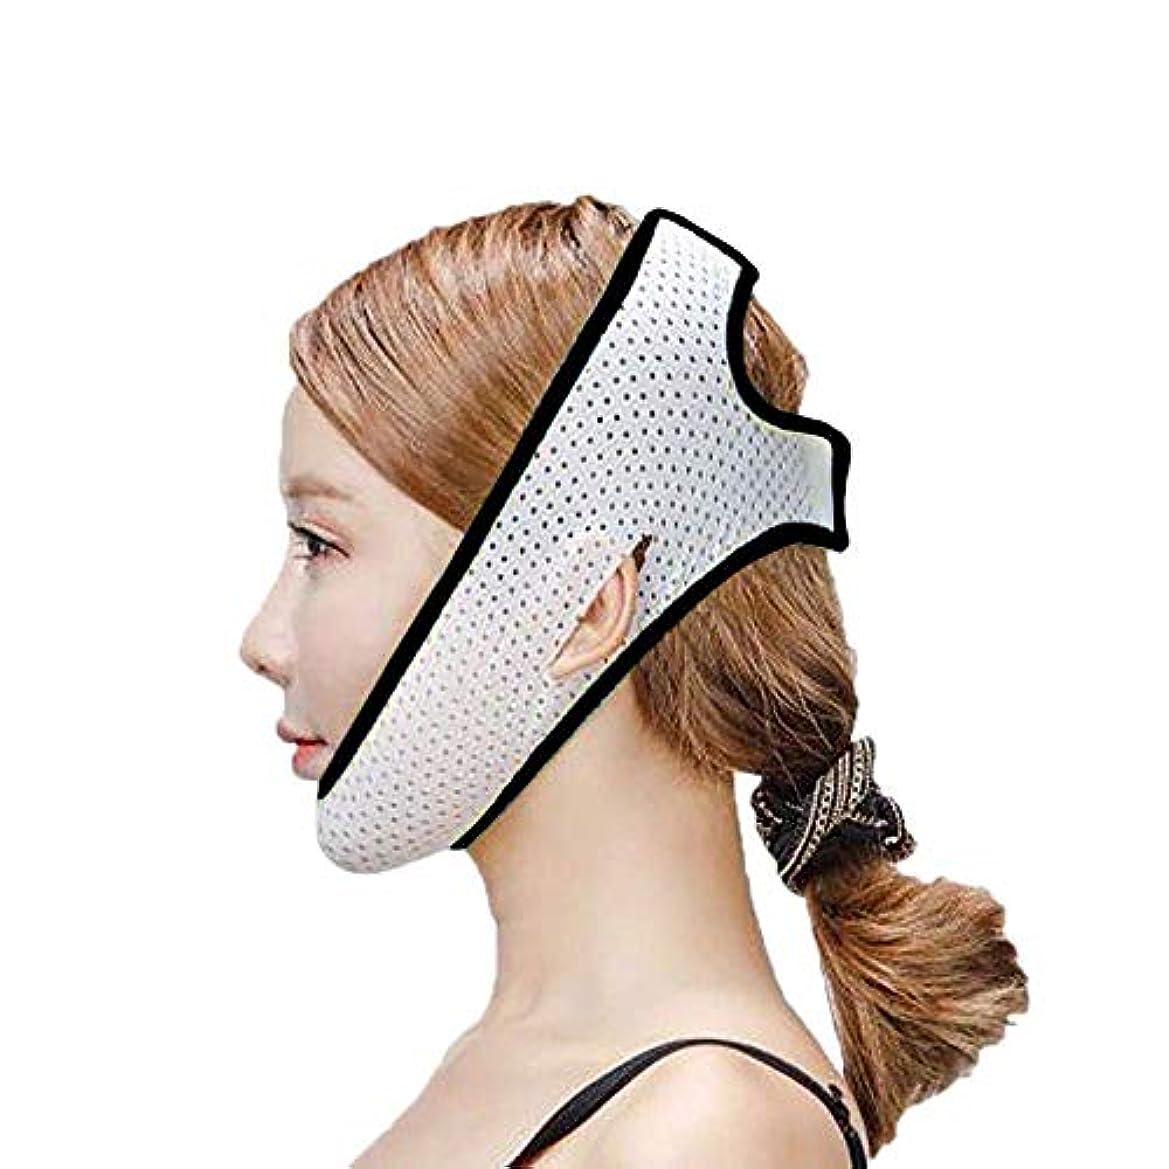 レンズ冷凍庫取り囲むフェイスリフトマスク、ダブルチンストラップ、フェイシャル減量マスク、フェイシャルダブルチンケアスリミングマスク、リンクルマスク(フリーサイズ)(カラー:ブラック),ブラック